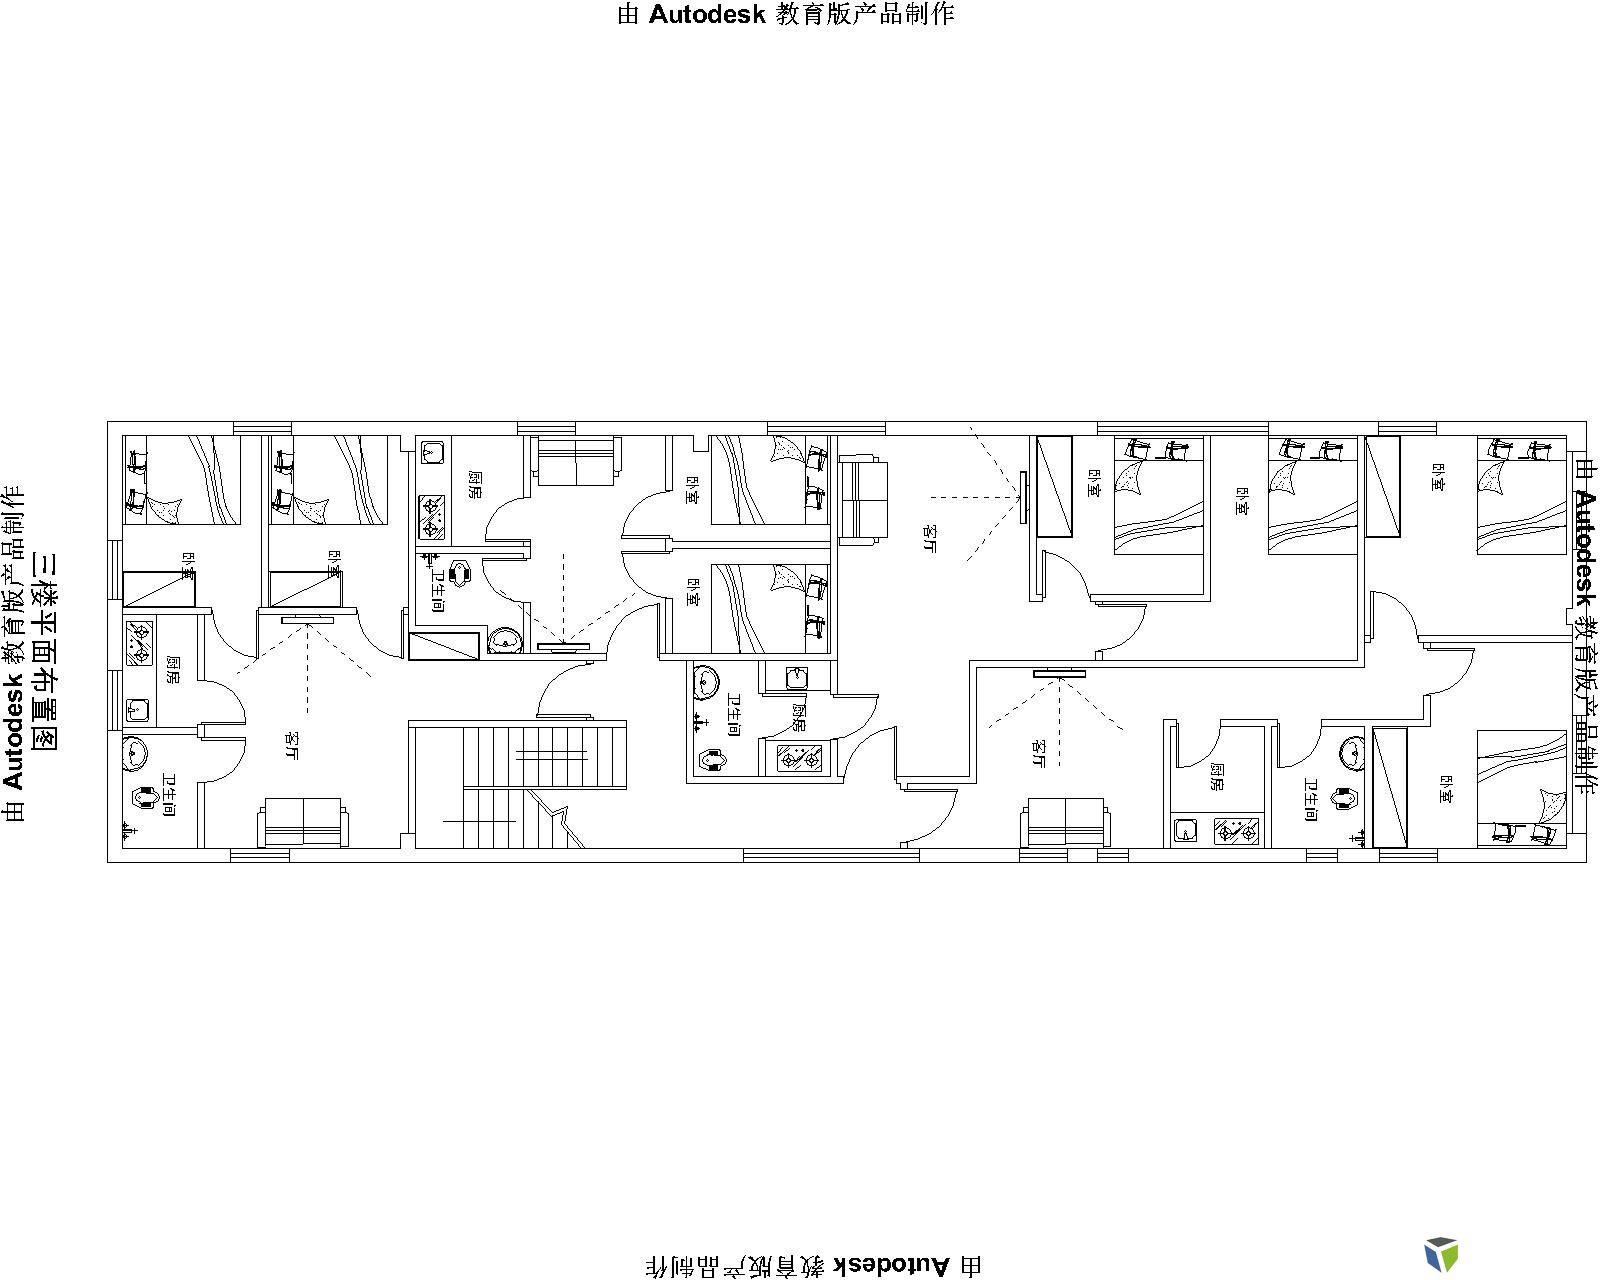 厂房改成出租房 - 扮家家室内设计网